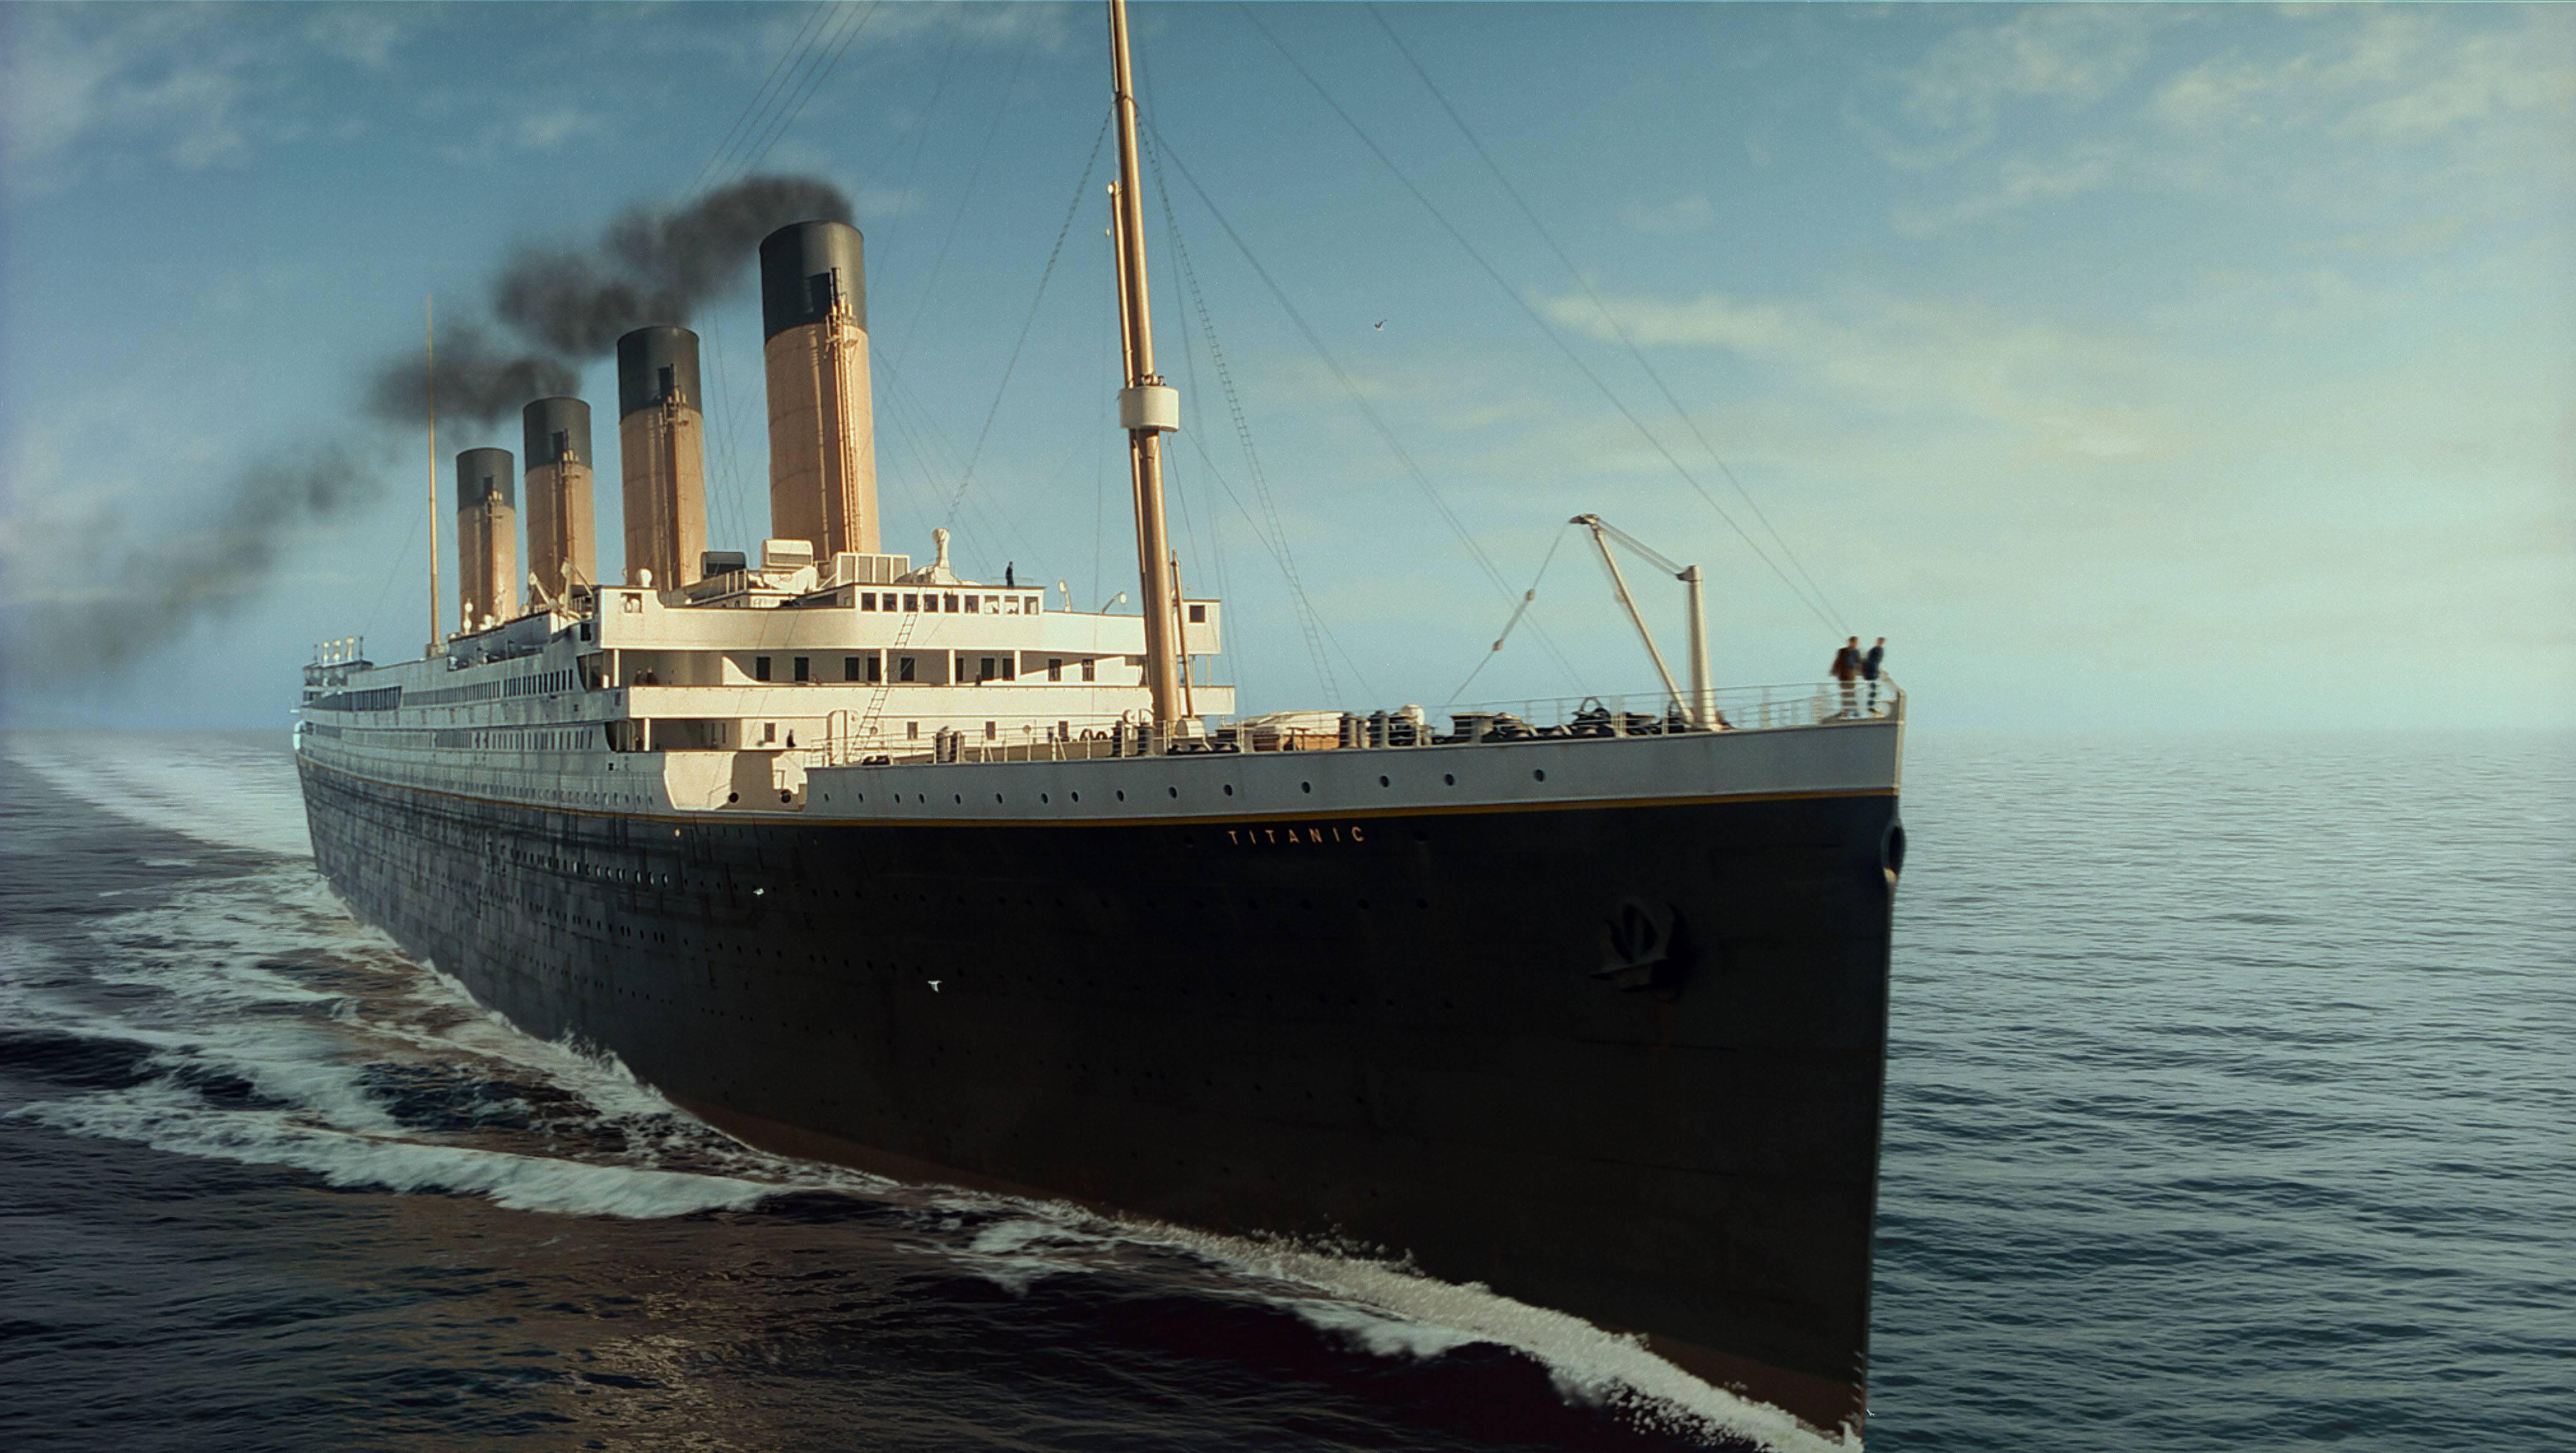 El libro que predijo el hundimiento del Titanic 14 años antes | El ...